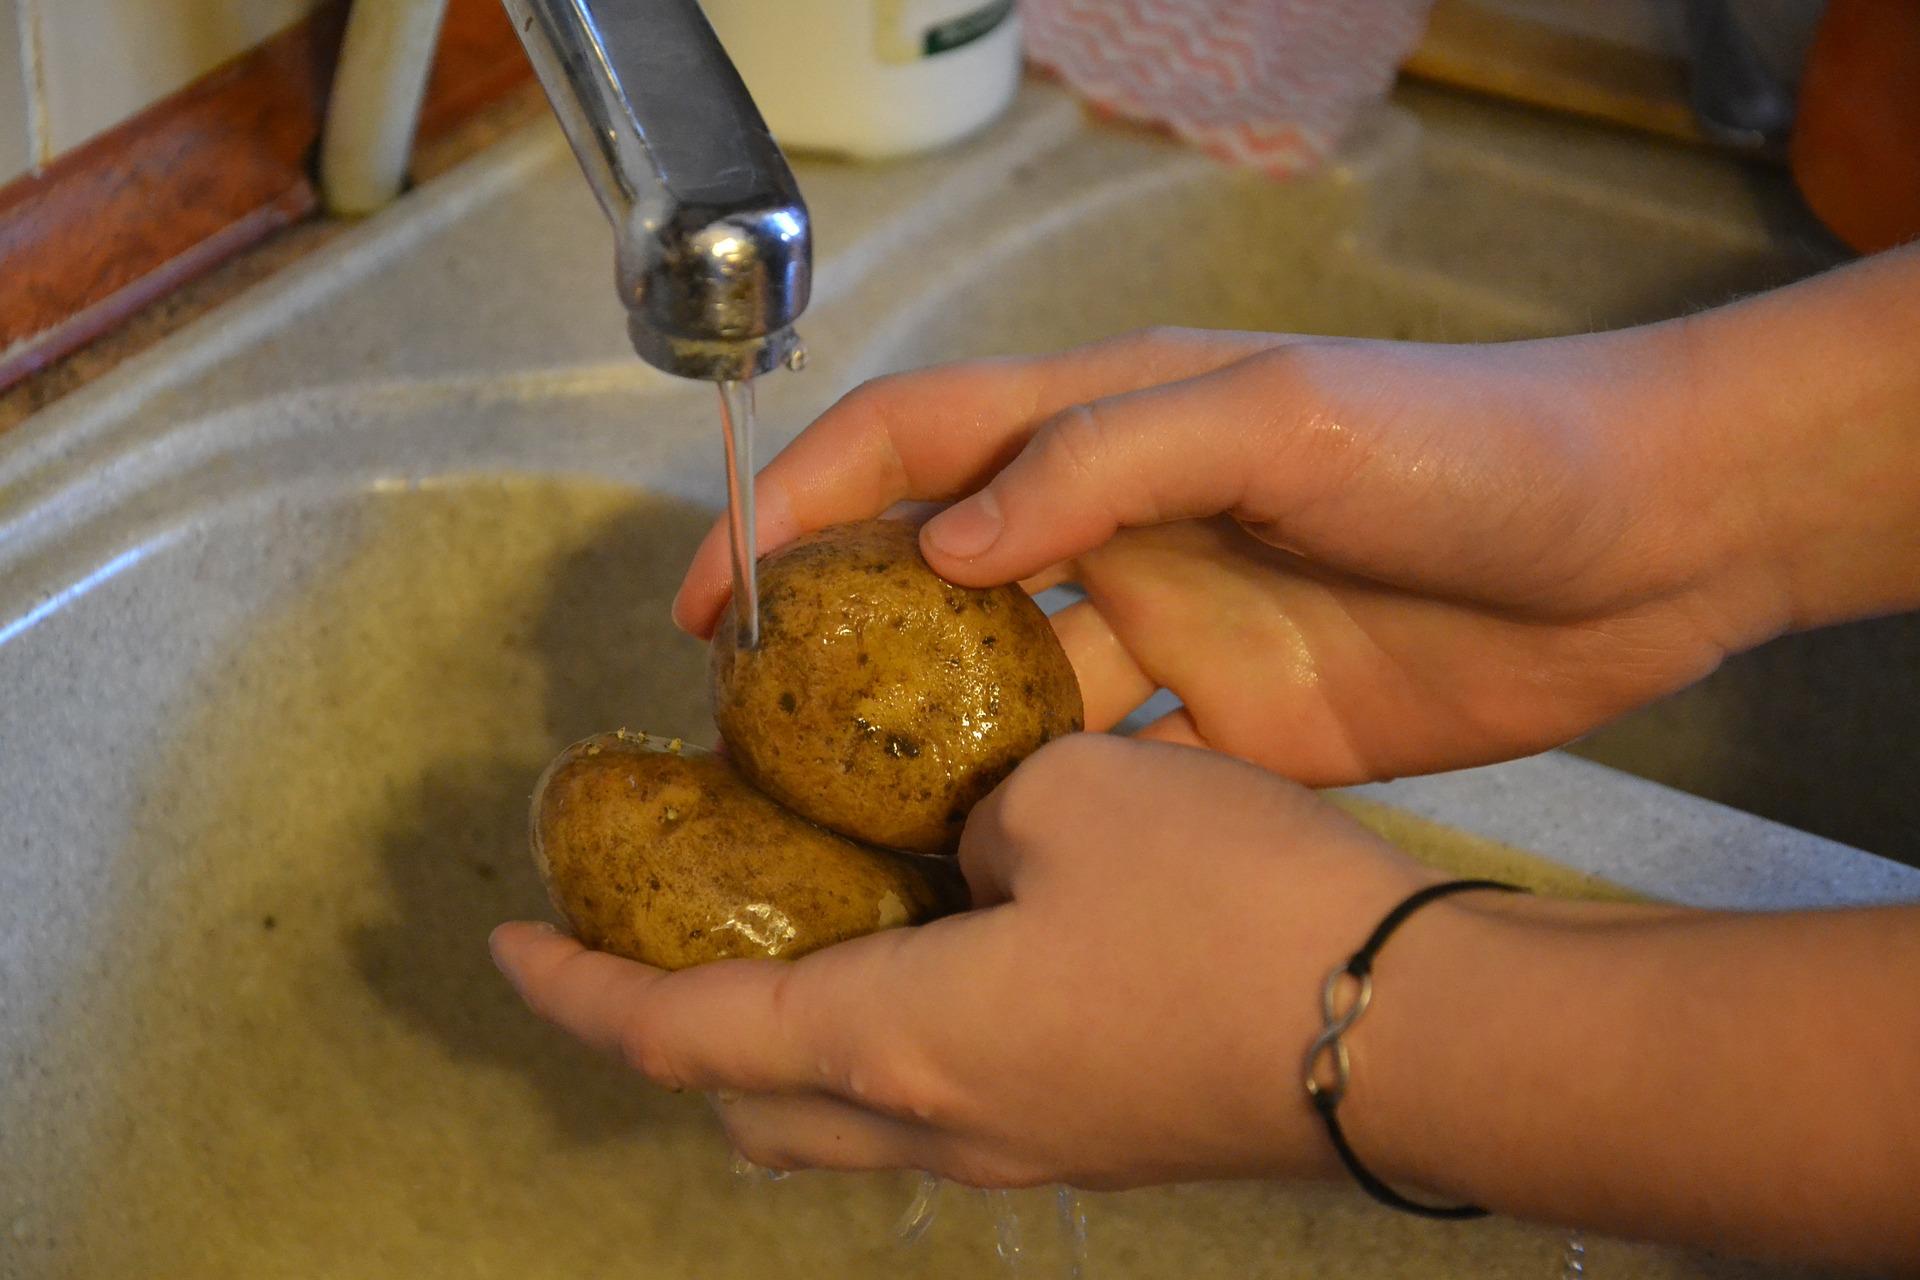 Pentingnya mencuci buah dan sayur sebelum dikonsumsi